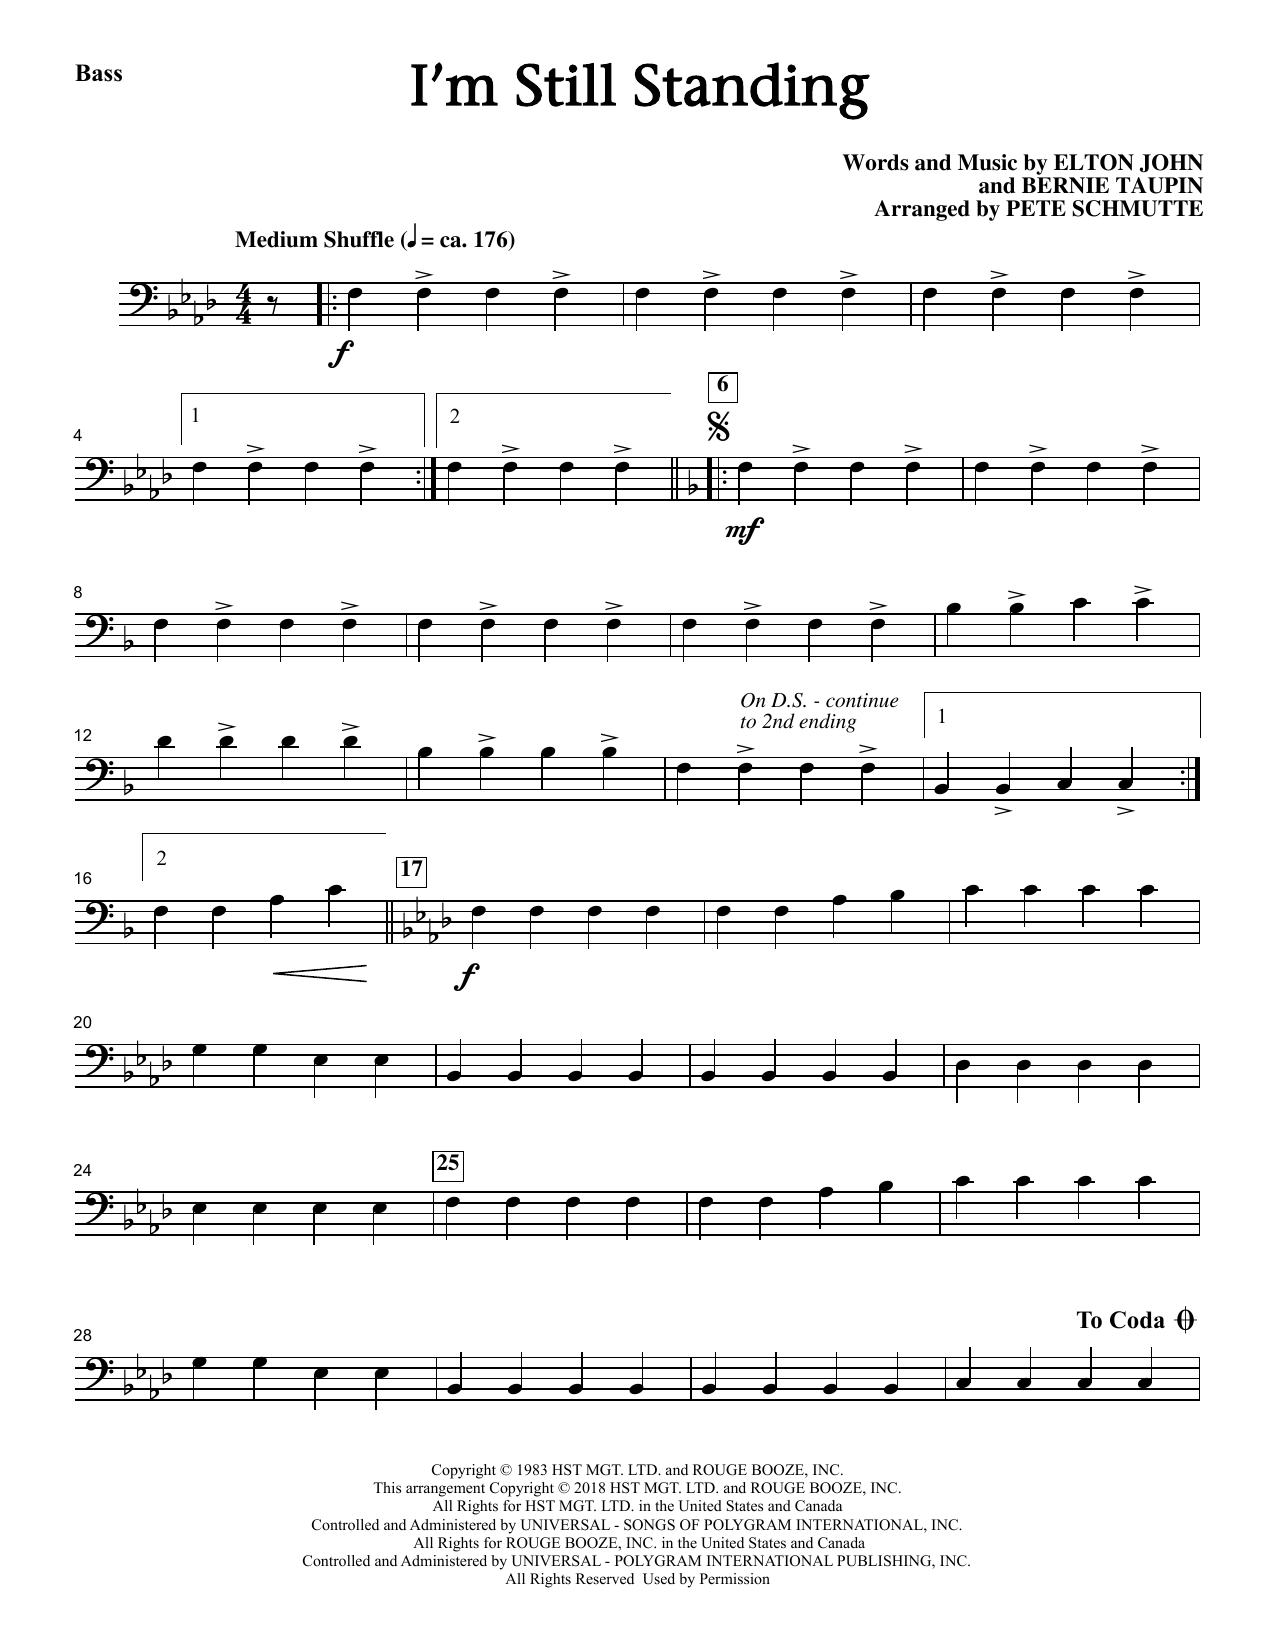 Elton John I'm Still Standing (arr. Pete Schmutte) - Bass sheet music notes and chords